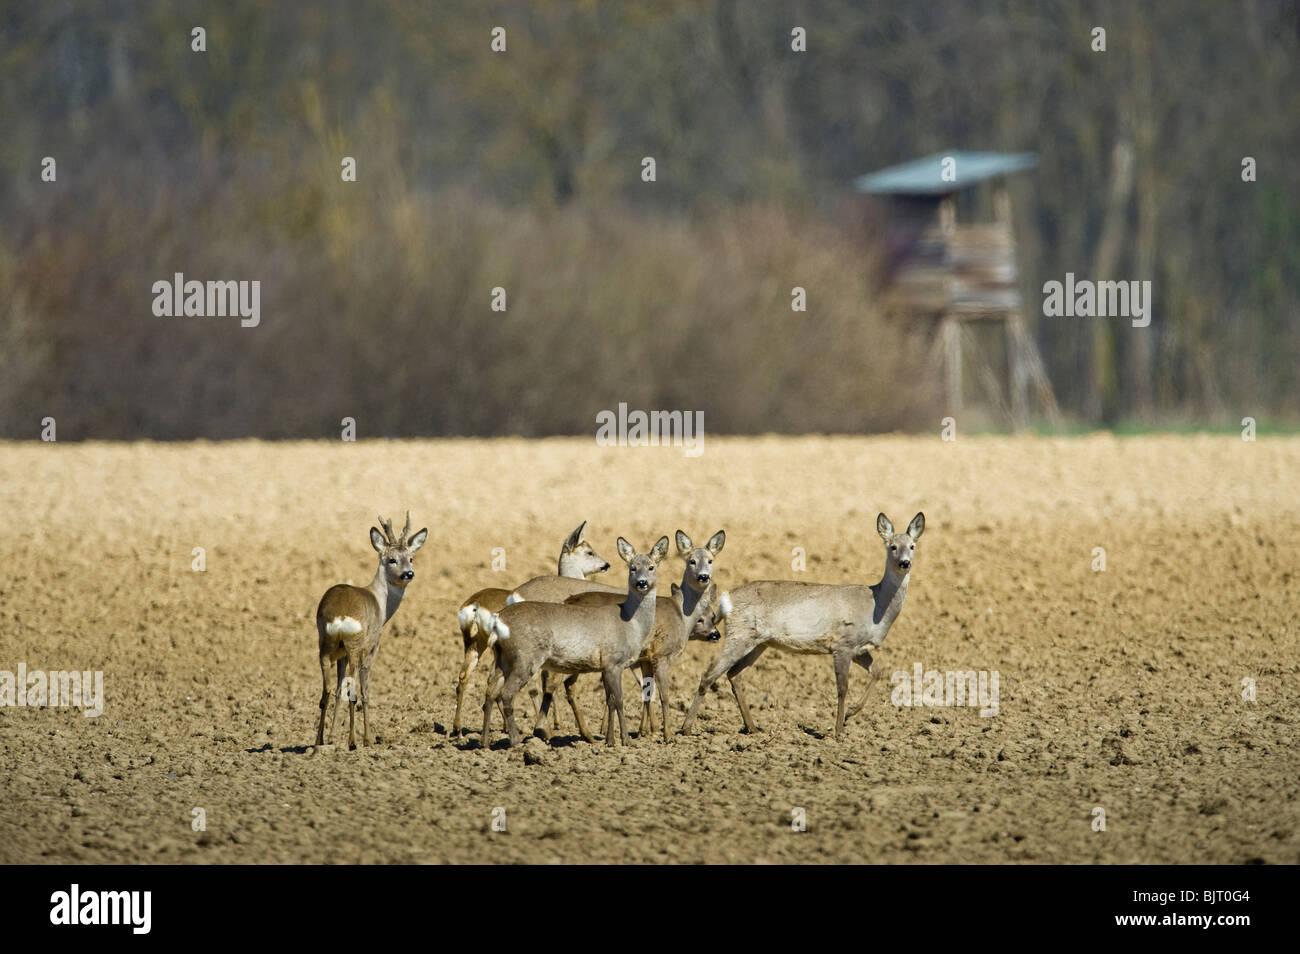 roe deer in field soil group herd spring wild wildlife roe deer in field soil group herd spring wild wildlife hunt - Stock Image